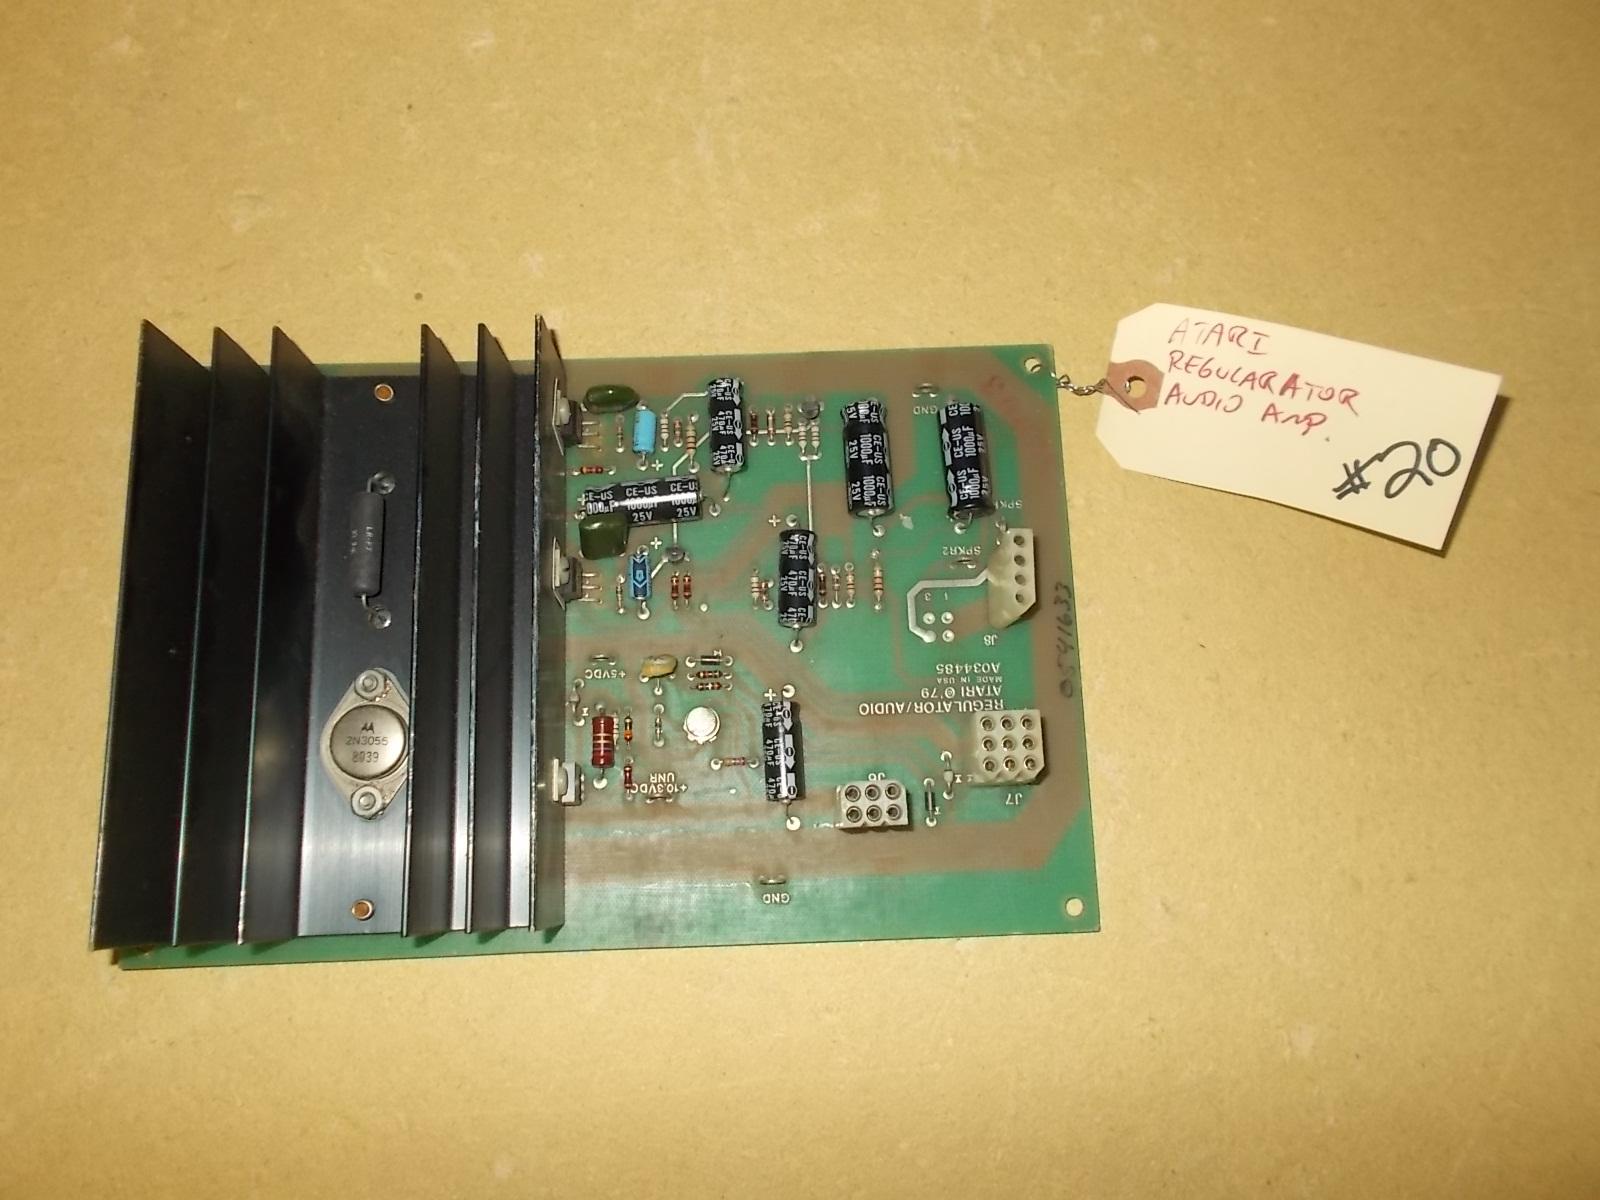 Atari Regulator Audio Amp Arcade Machine Game Pcb Printed Circuit Prototype Board Maker Buy 20 As